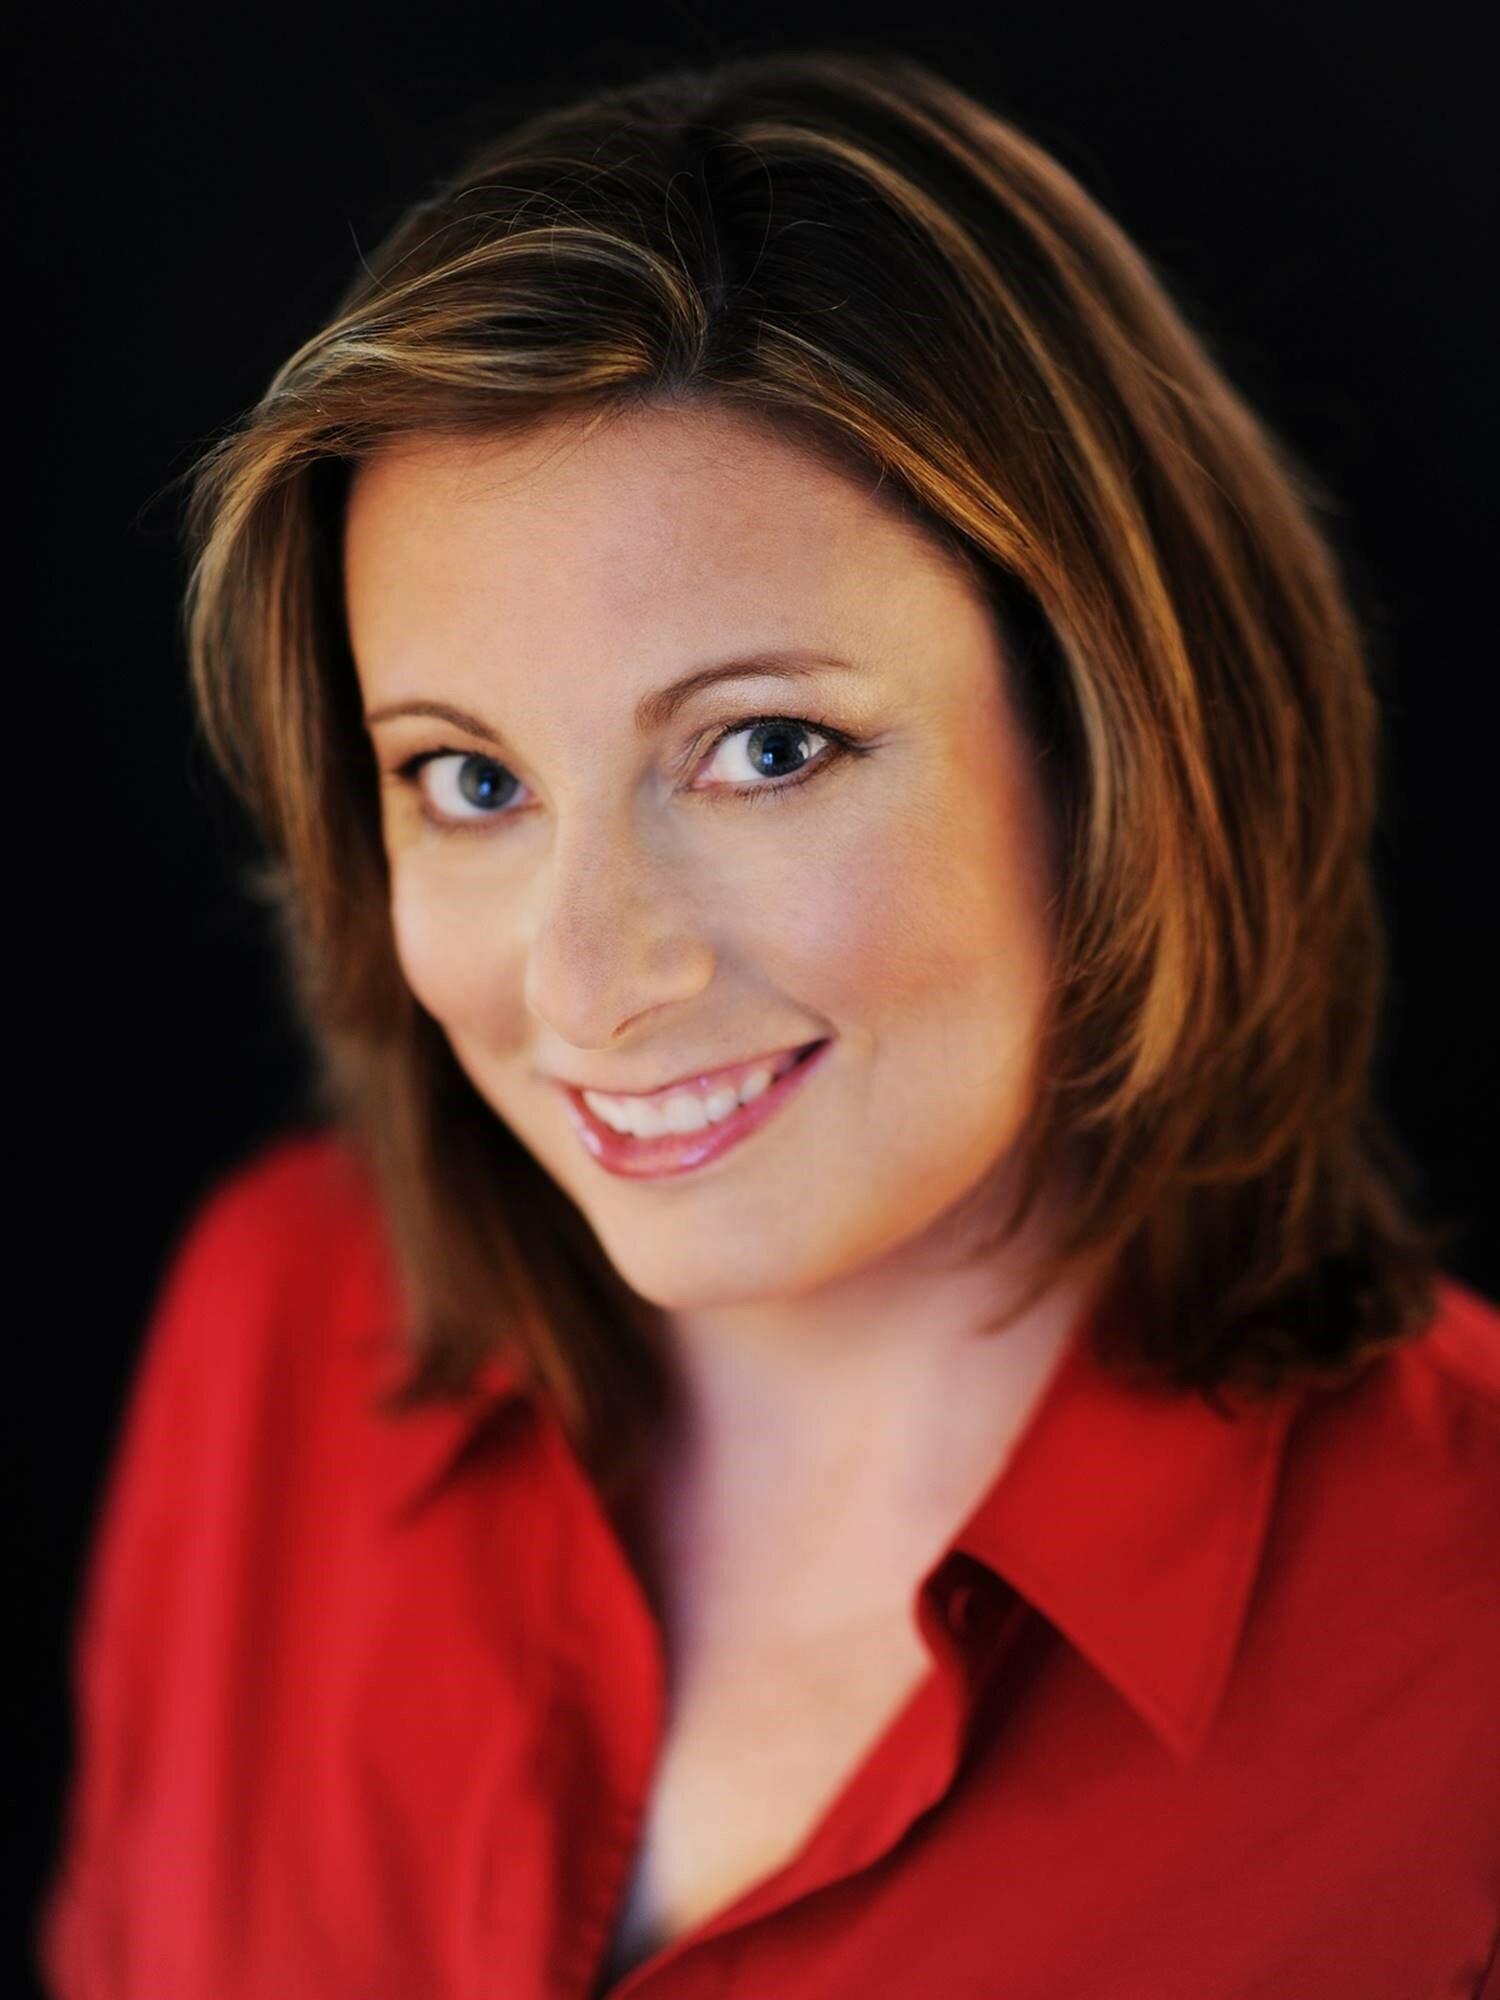 Stephanie M. Sarkis, PhD, NCC, LMHC